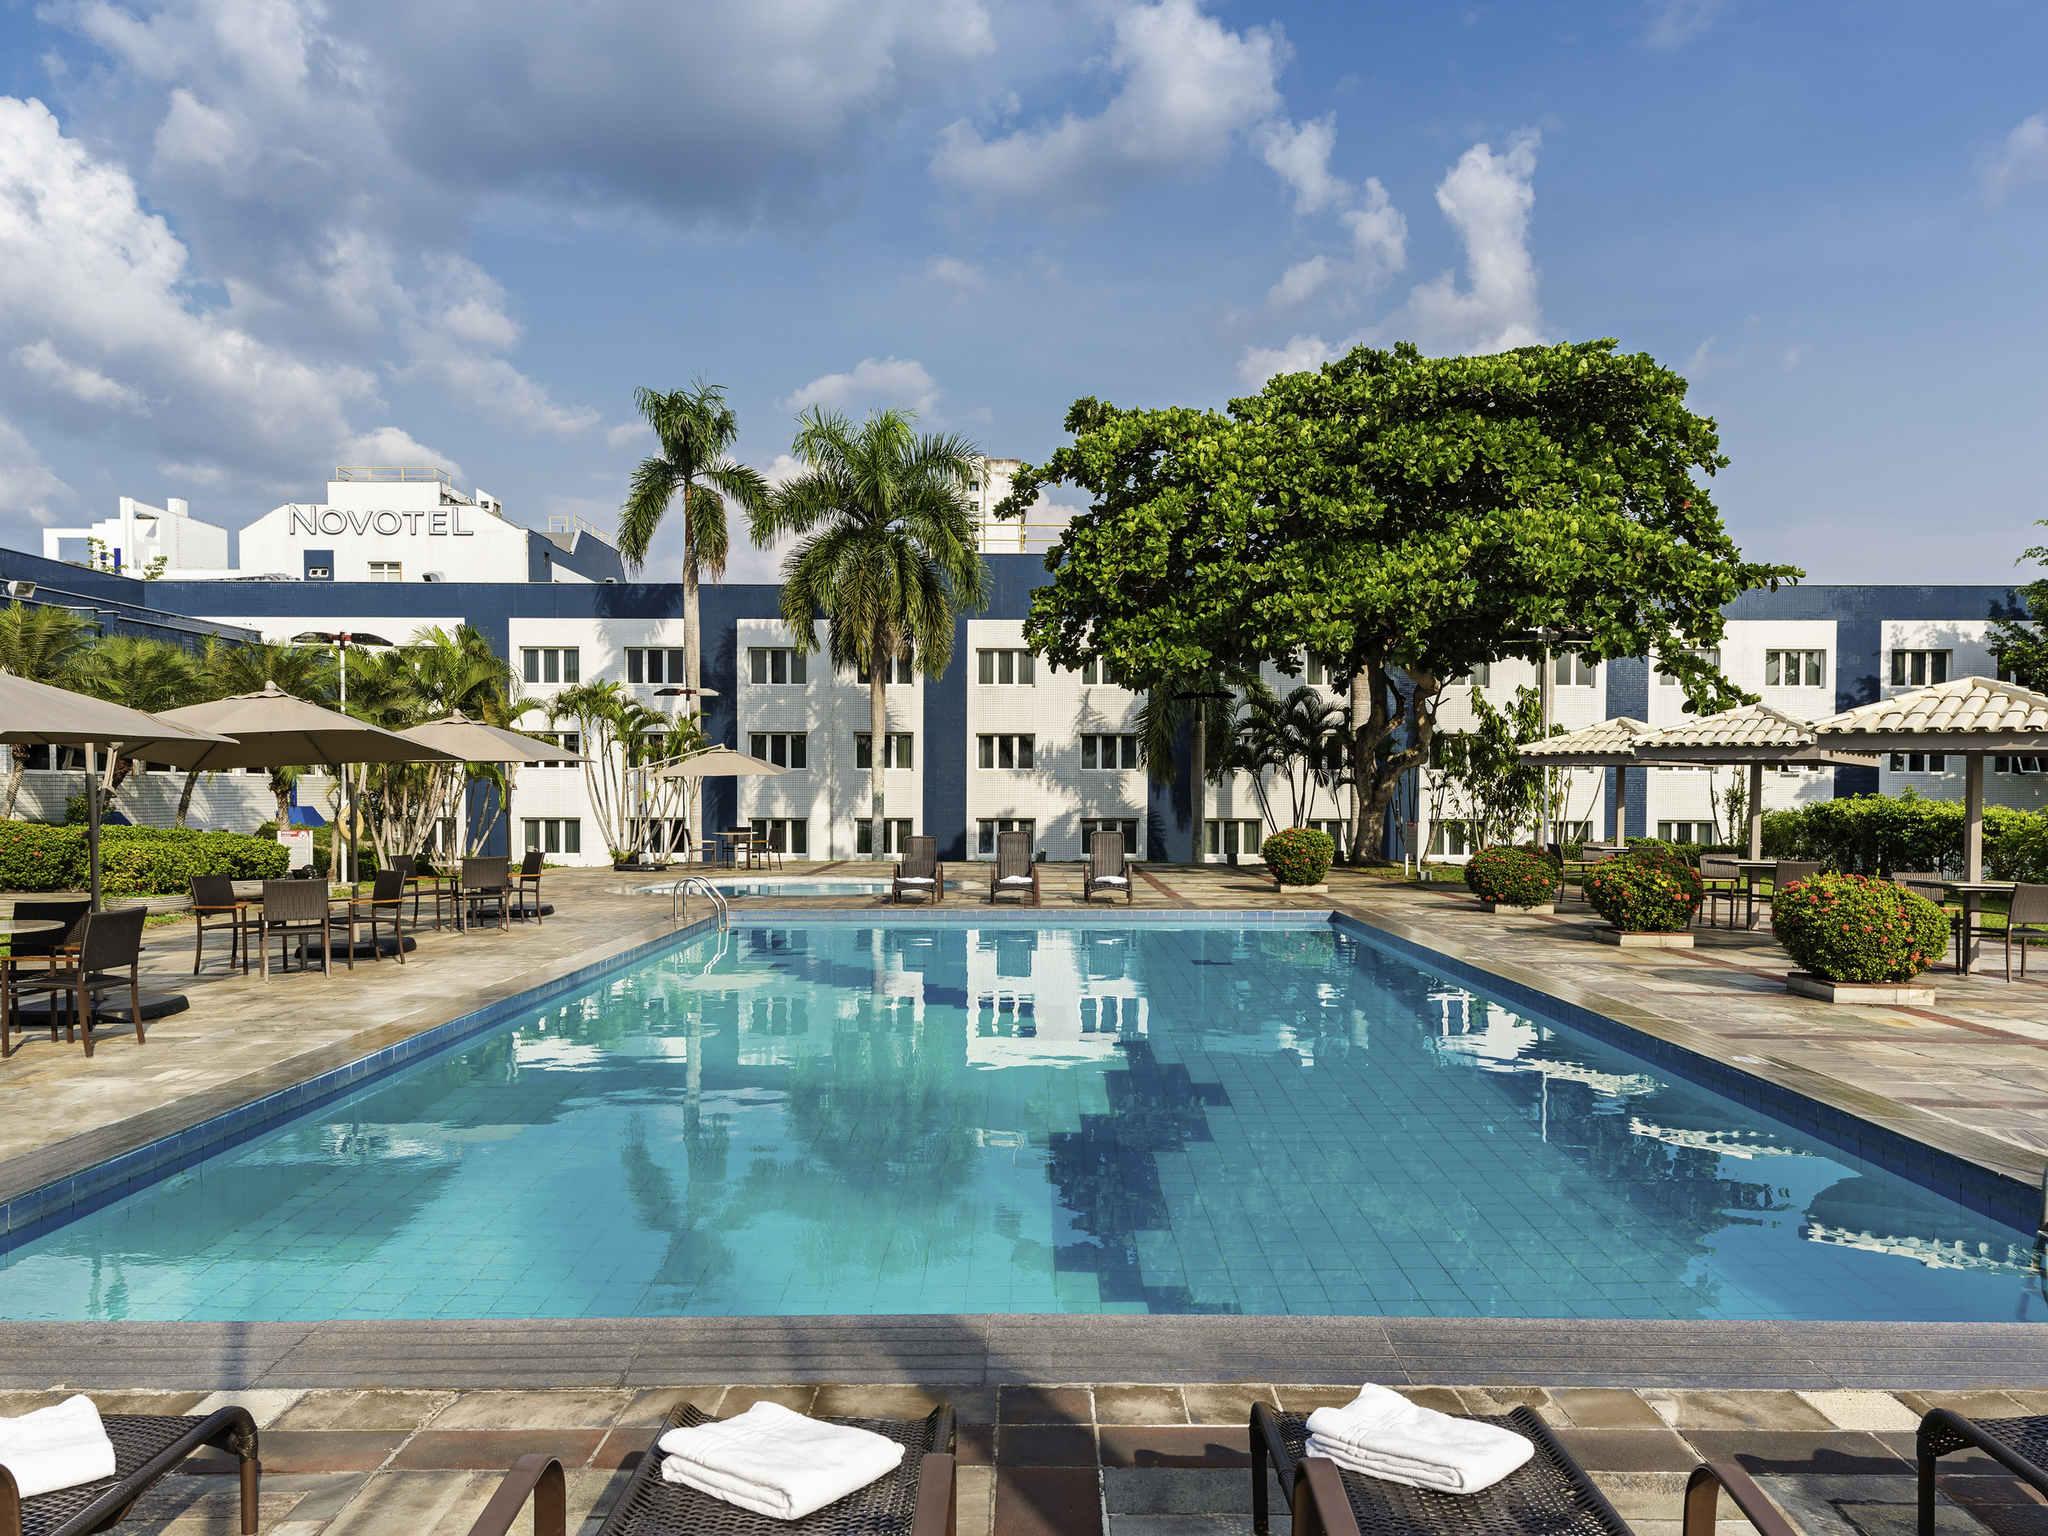 Hotel - Novotel Manaus